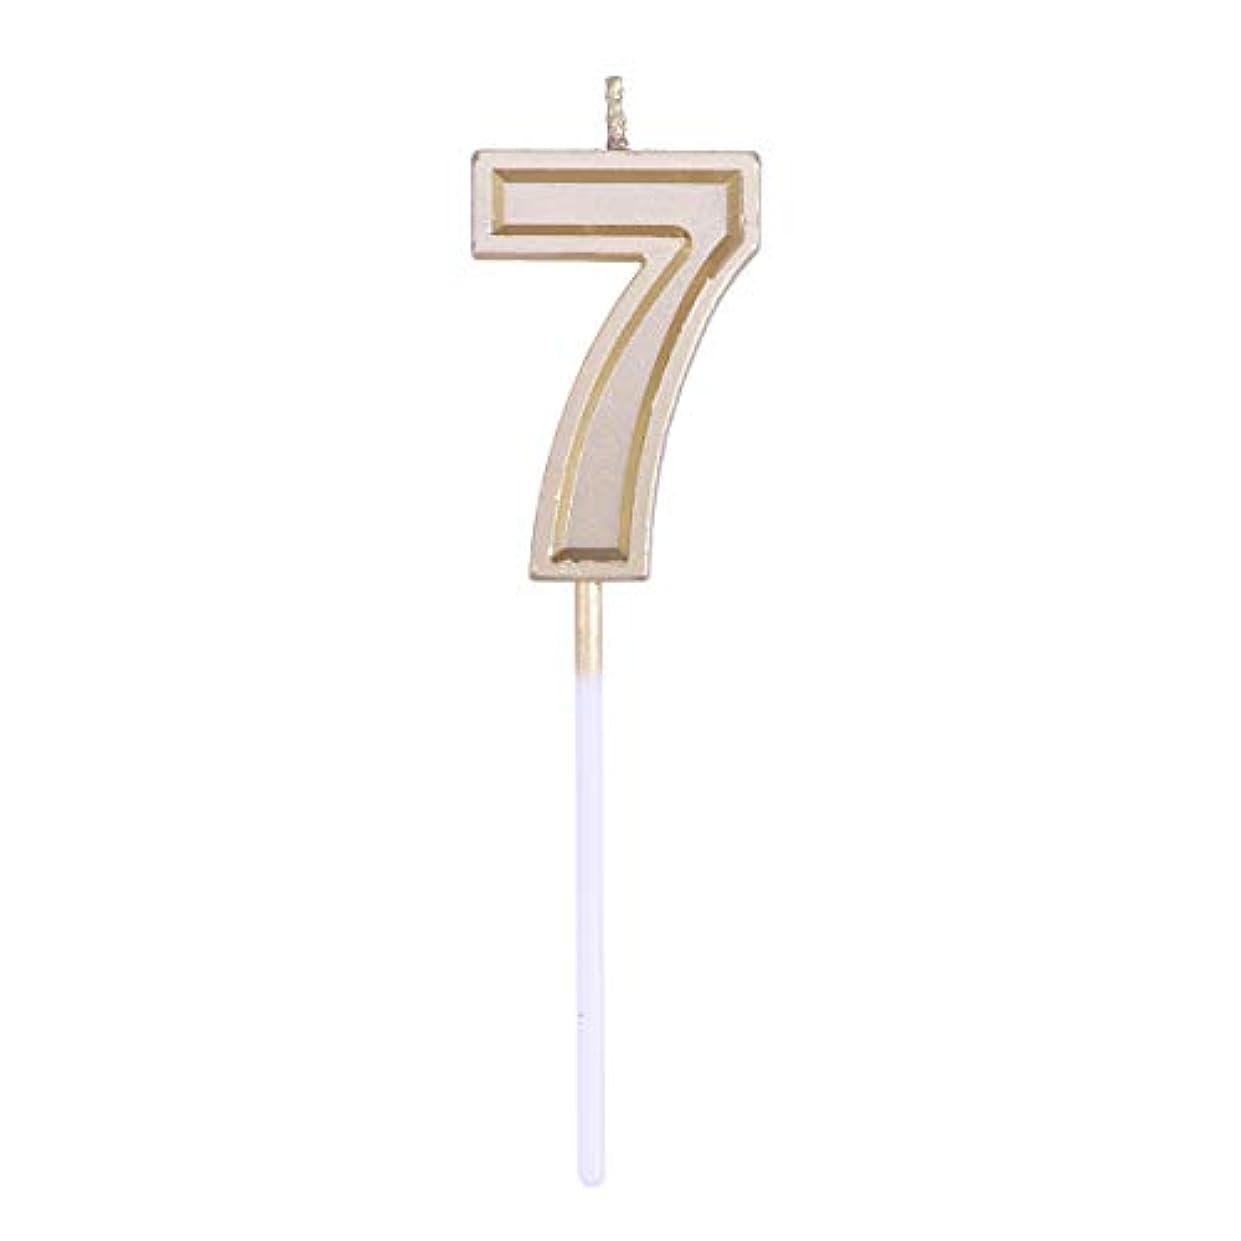 報復するフォーマット通りToyvian ゴールドラメ誕生日おめでとう数字キャンドル番号キャンドルケーキトッパー装飾用大人キッズパーティー(番号7)